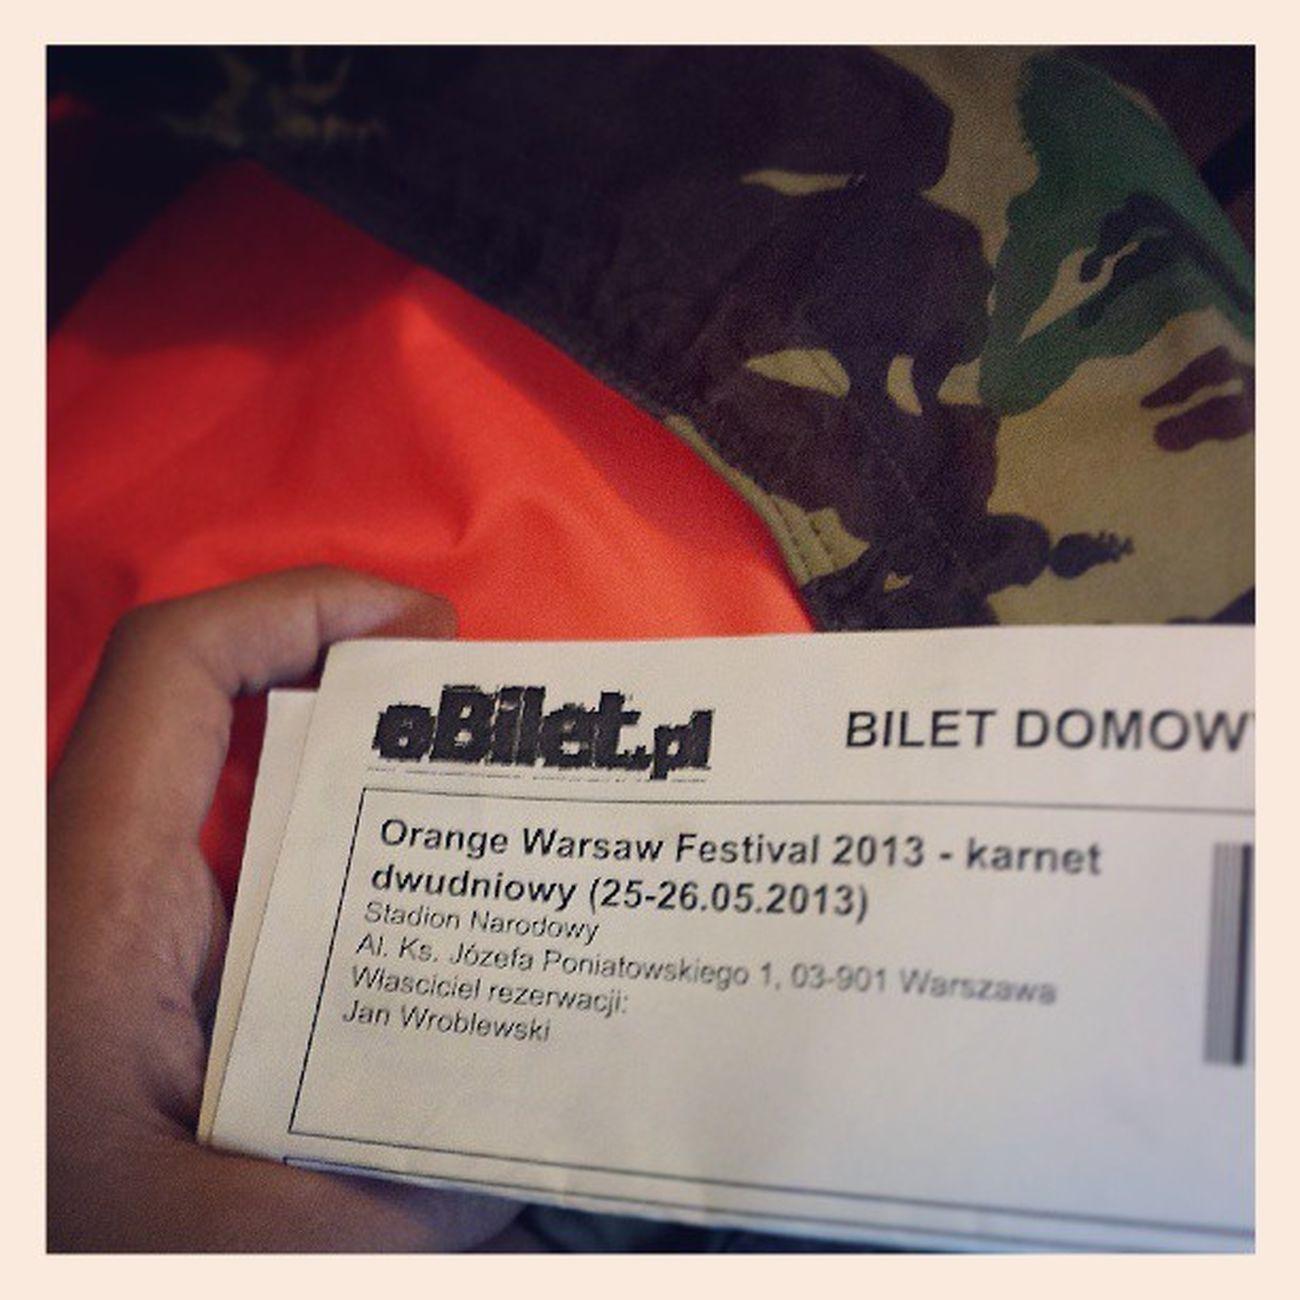 Ohhh yeeah!może tym razem nie padnę przed samym koncertem Beyonce QueenB Orangewarsaw Warsaw musicfestival